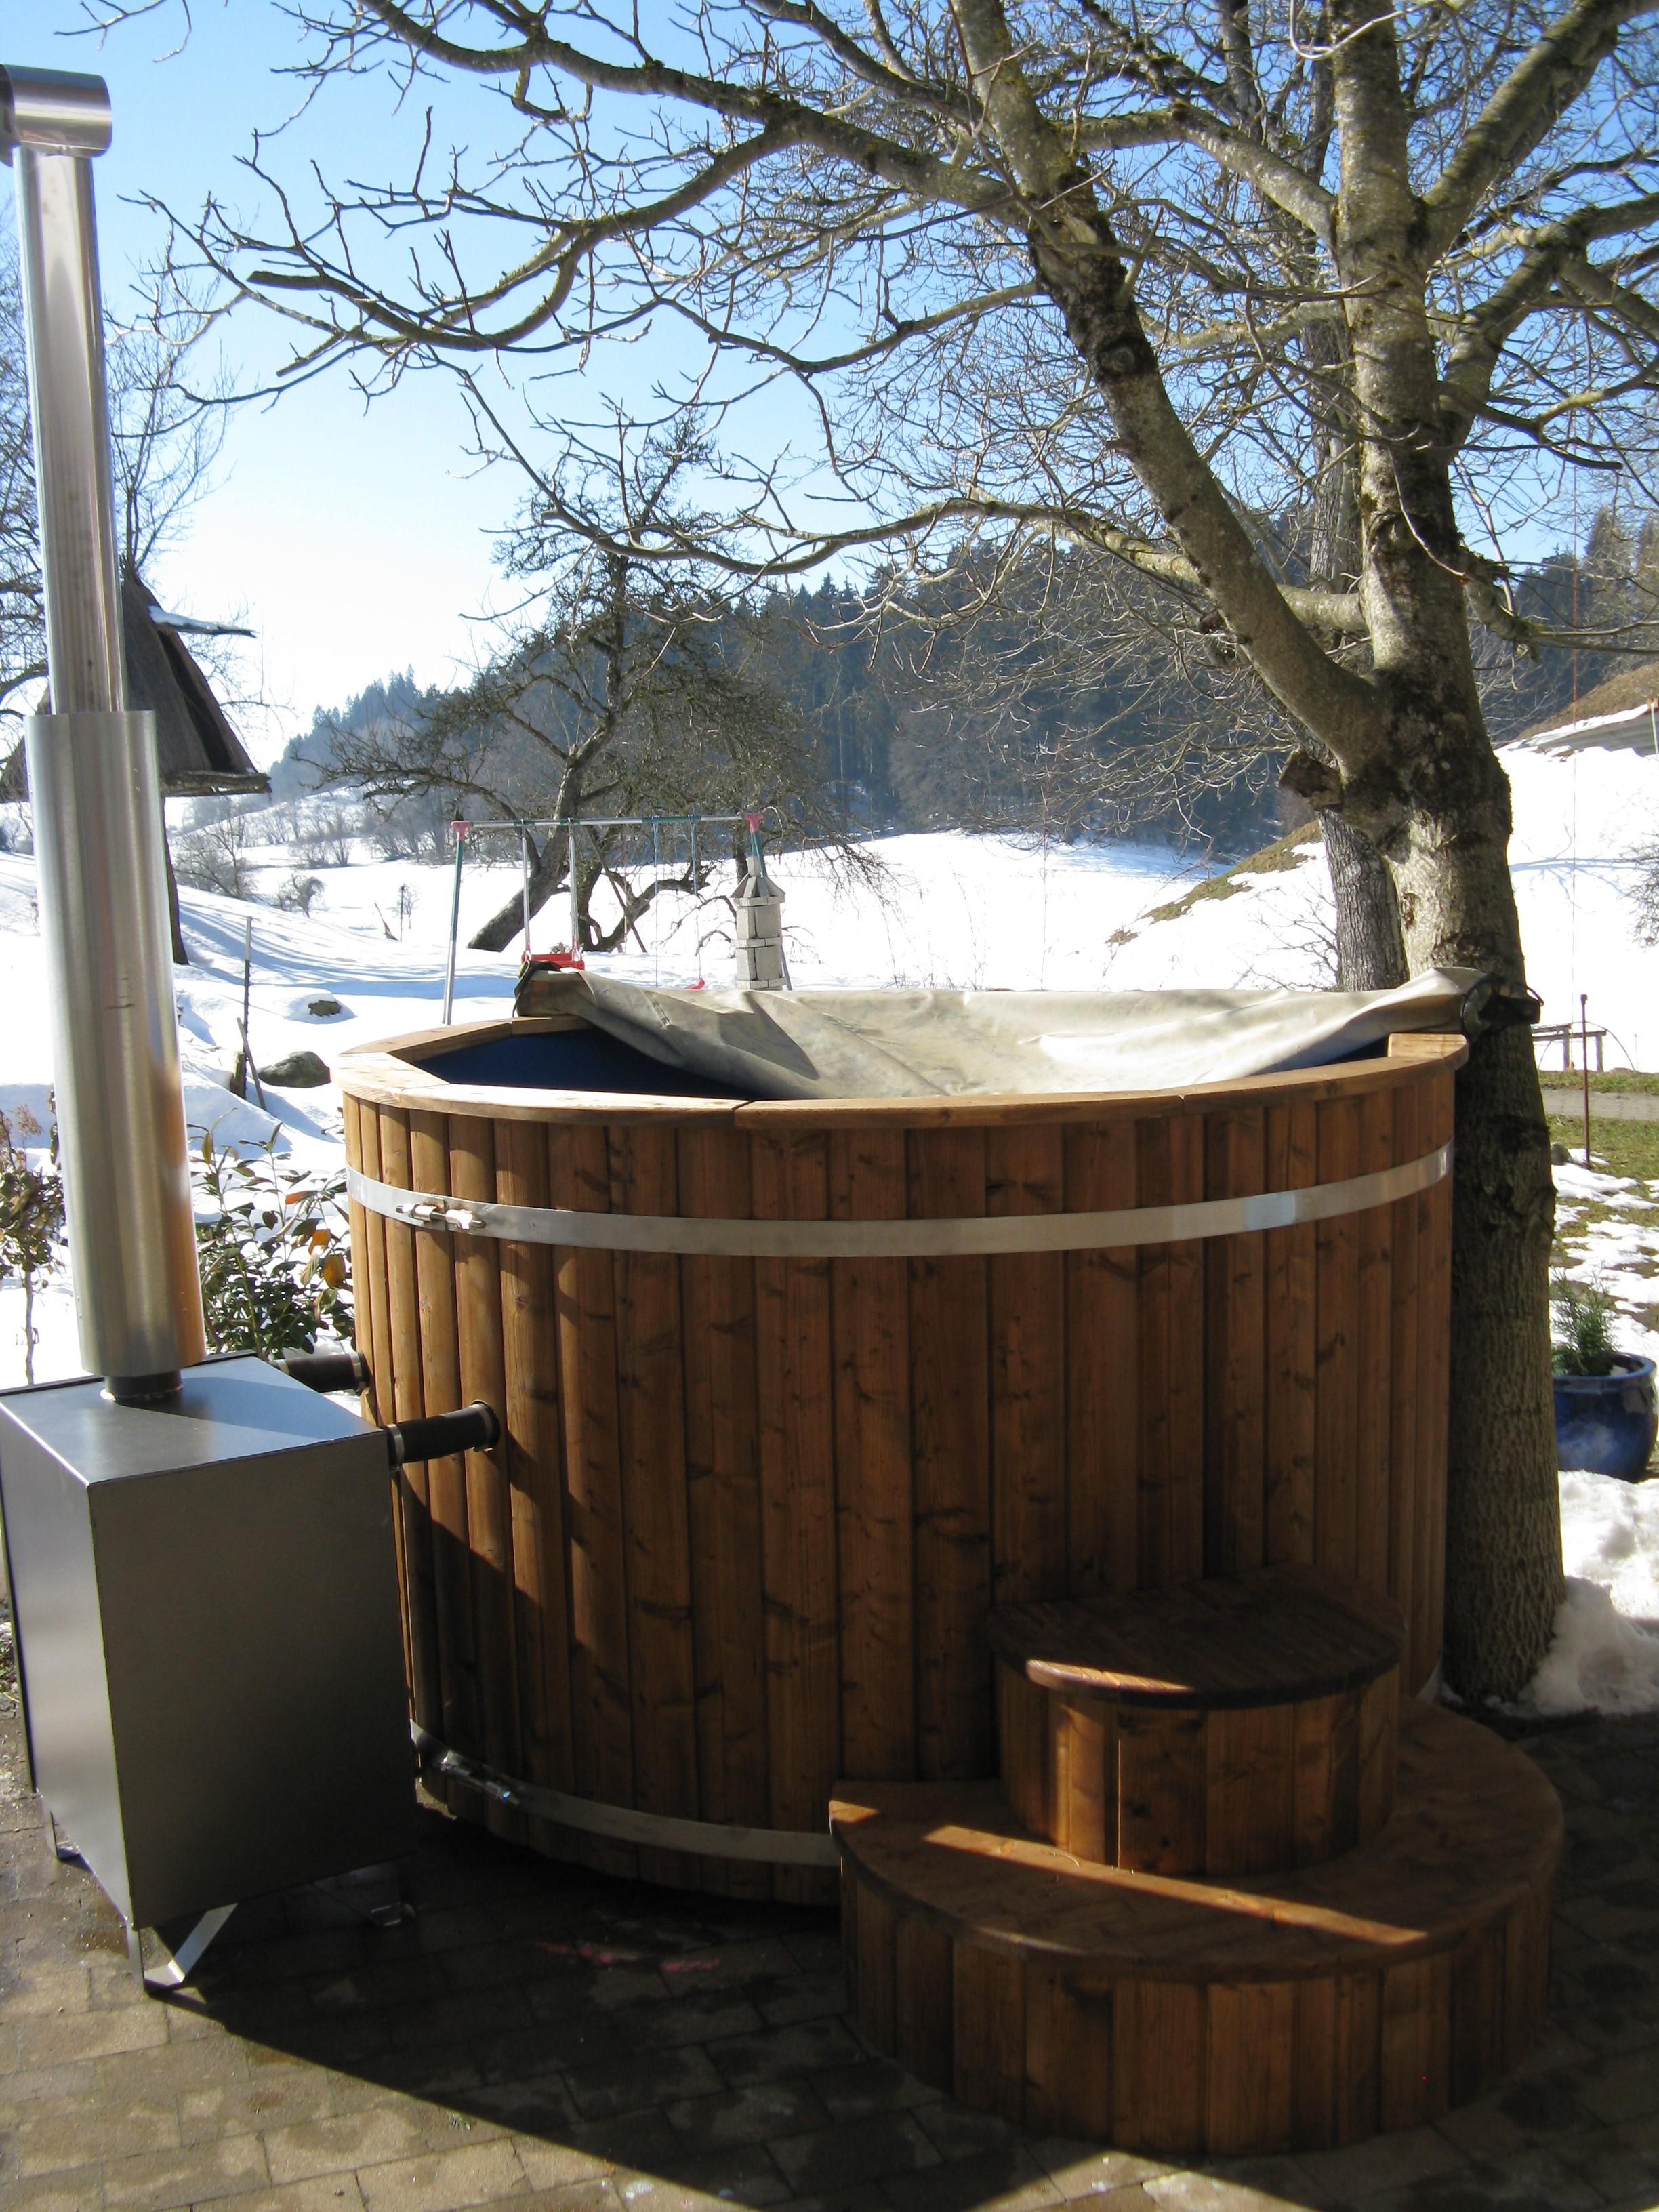 Badezuber 200cm Aus Thermoholz Mit Kunststoff Und Außenofen